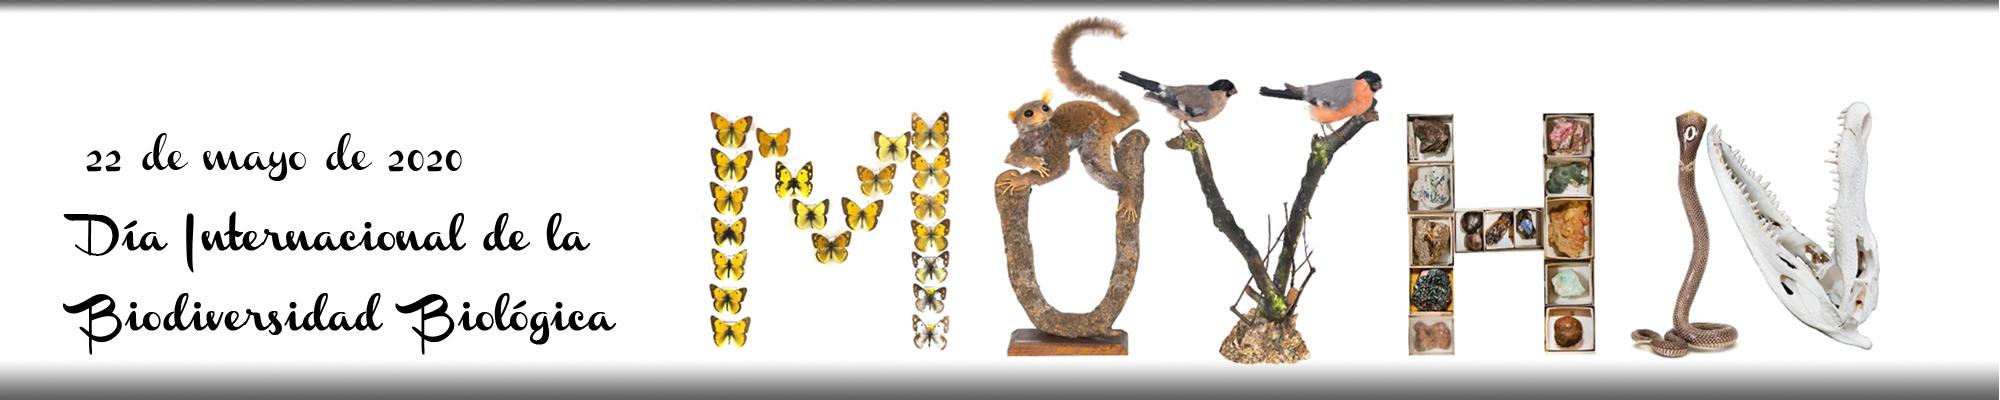 22 de maig de 2020 Dia Internacional de la Biodiversitat Biològica.